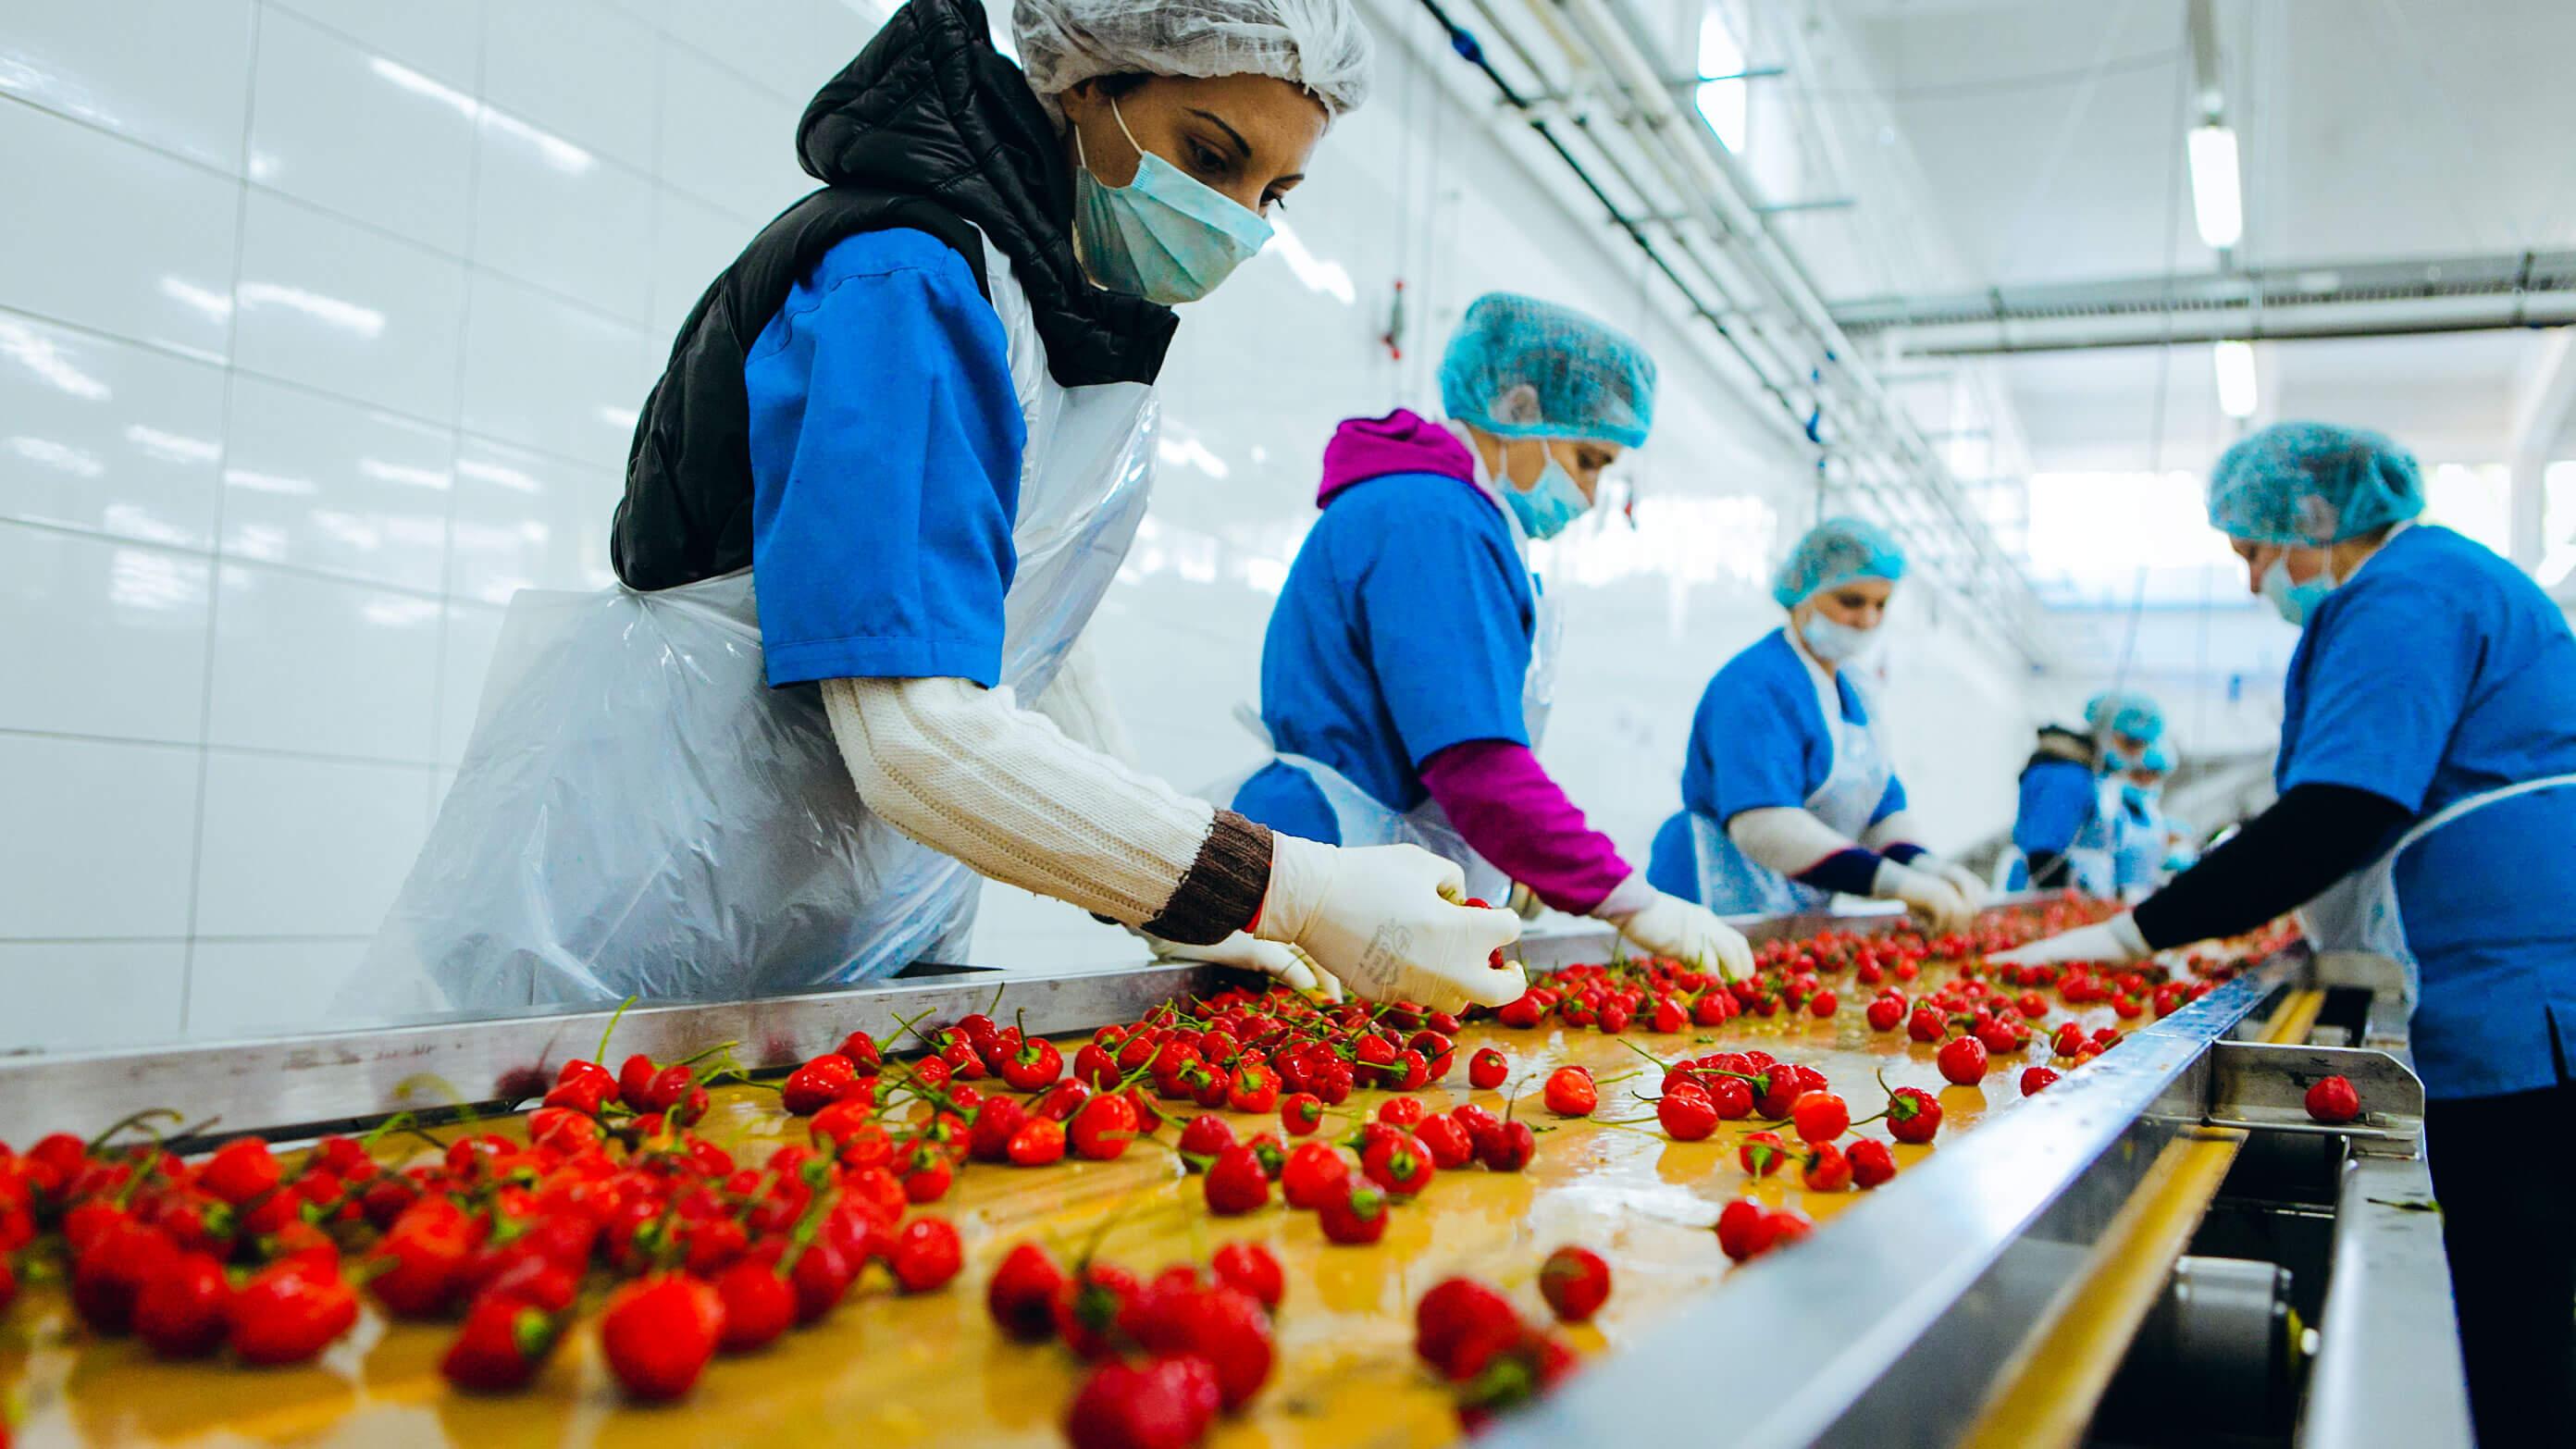 Estrategias-integrales-para-la-mejora-en-la-gestion-y-puesta-en-valor-de-los-subproductos-alimentarios-a-nivel-sectorial-y-o-regional